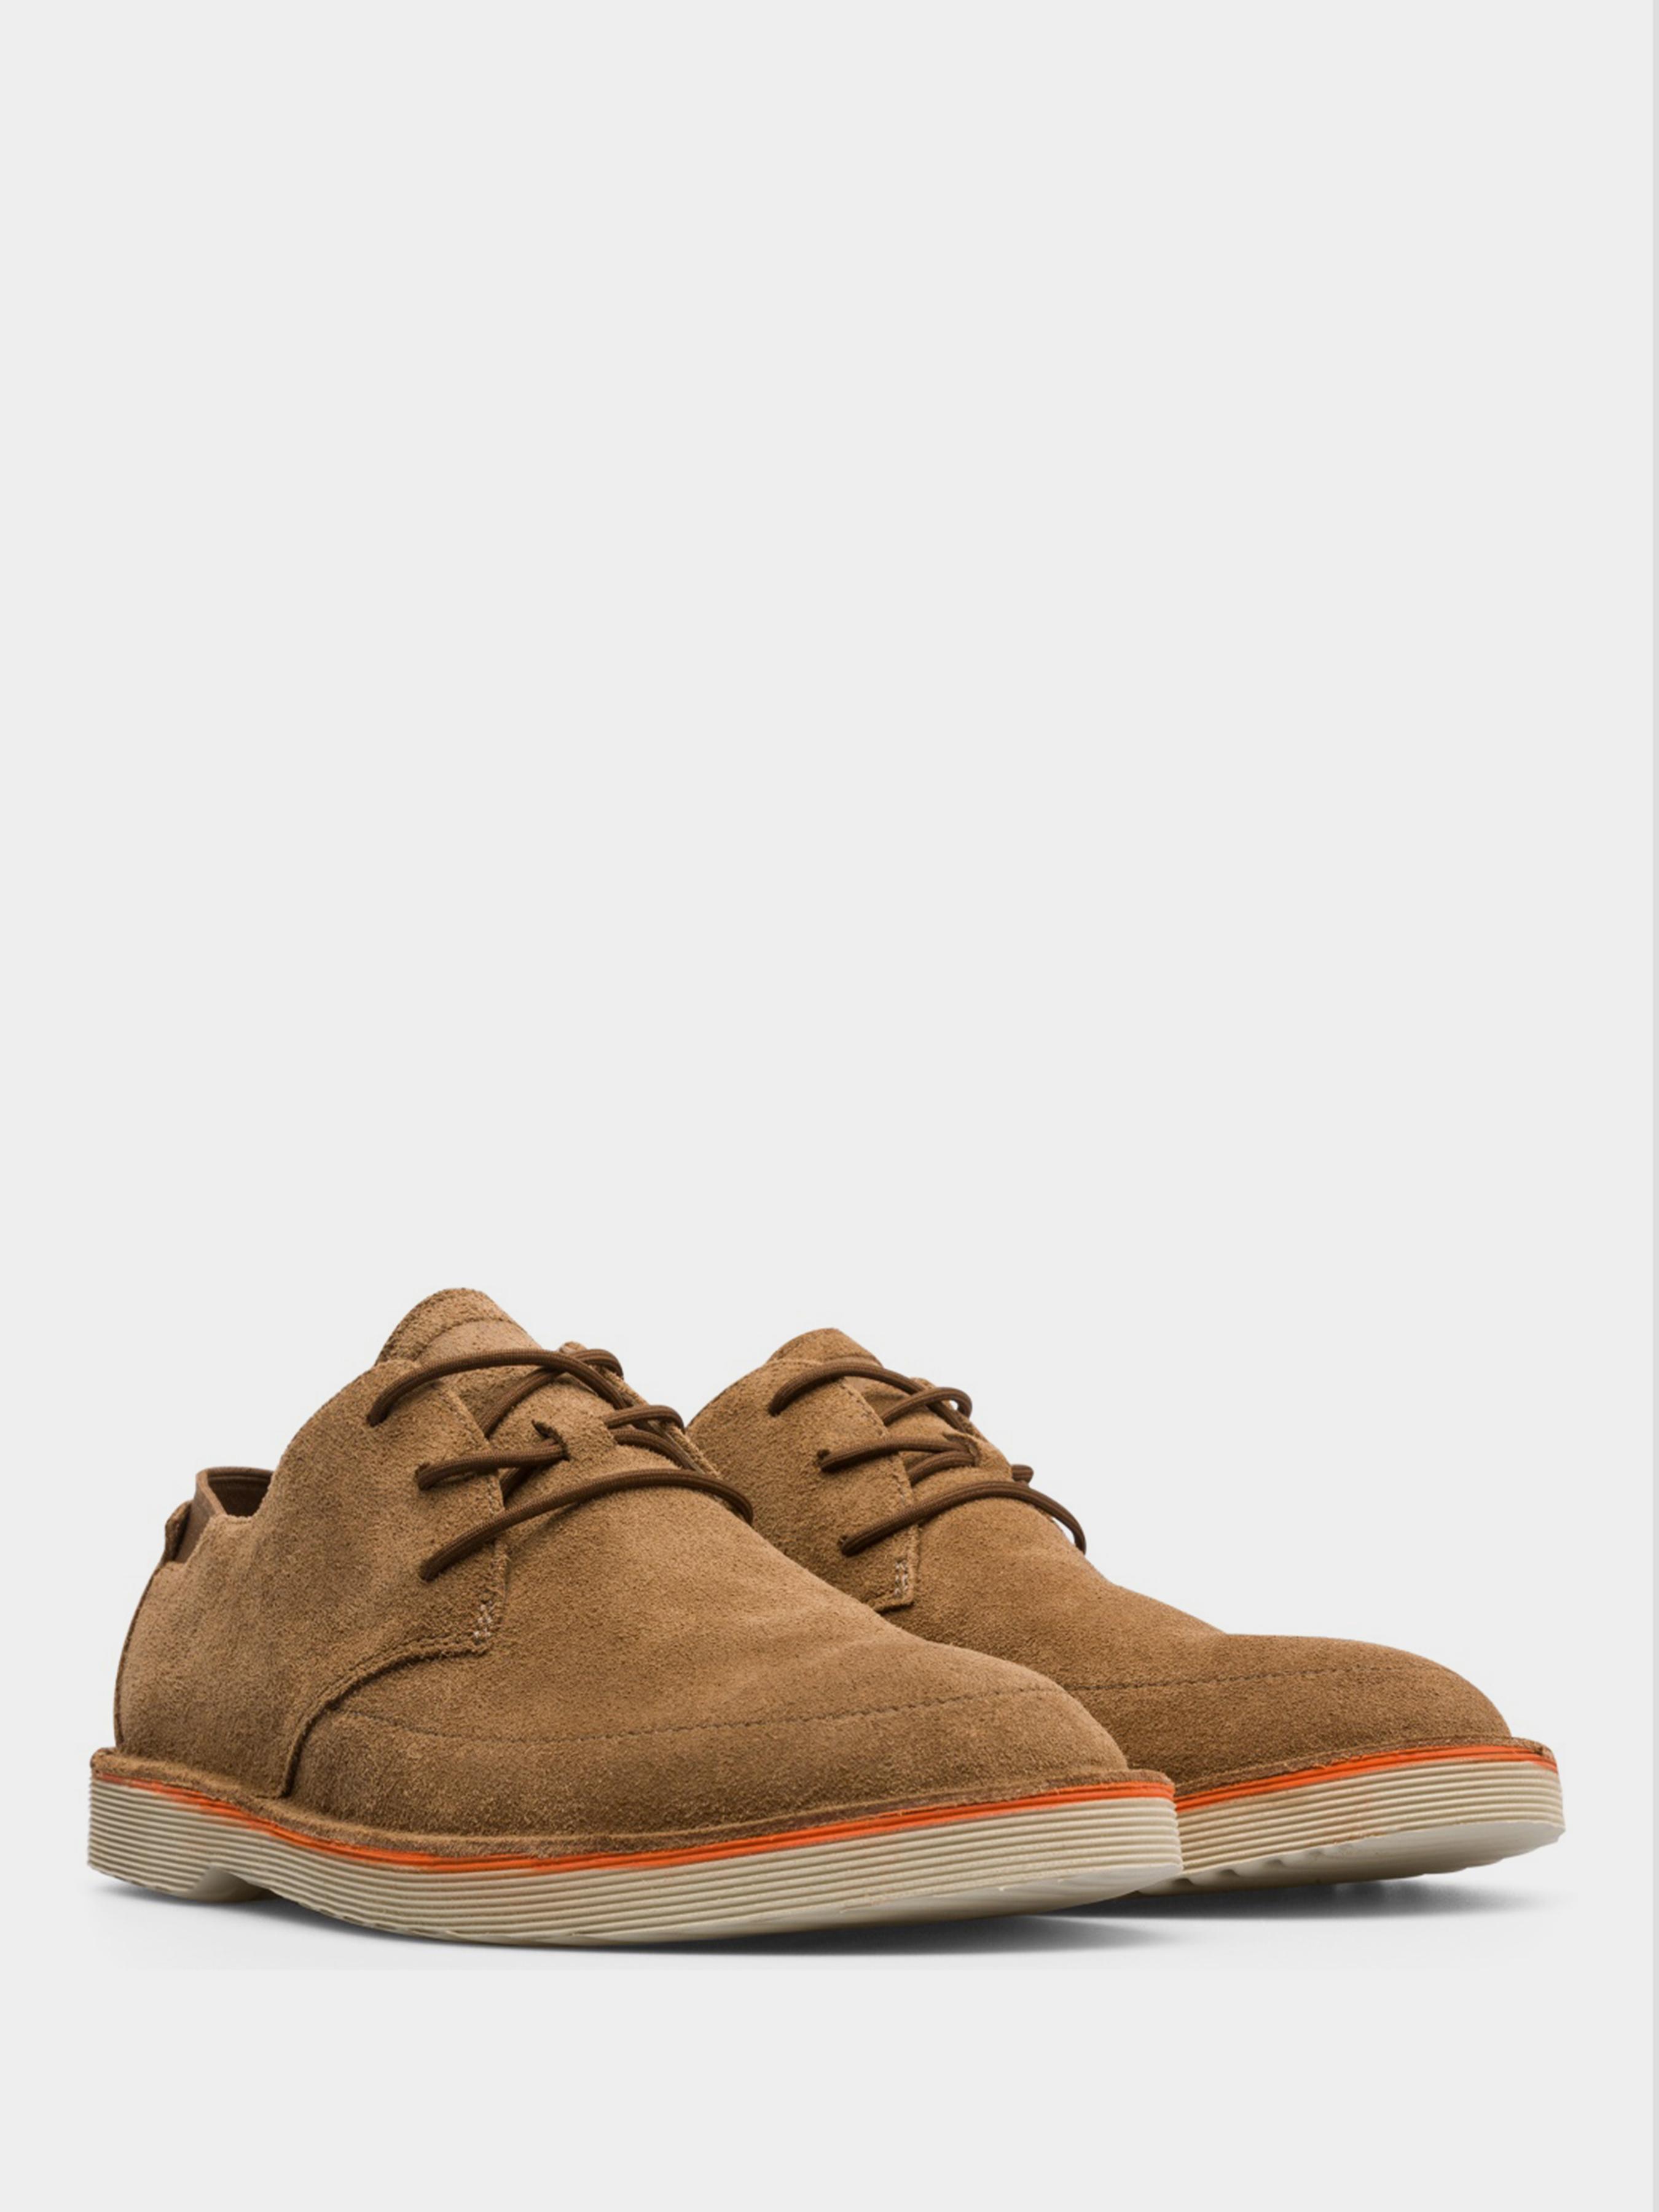 Туфли мужские Camper Morrys AM729 размерная сетка обуви, 2017